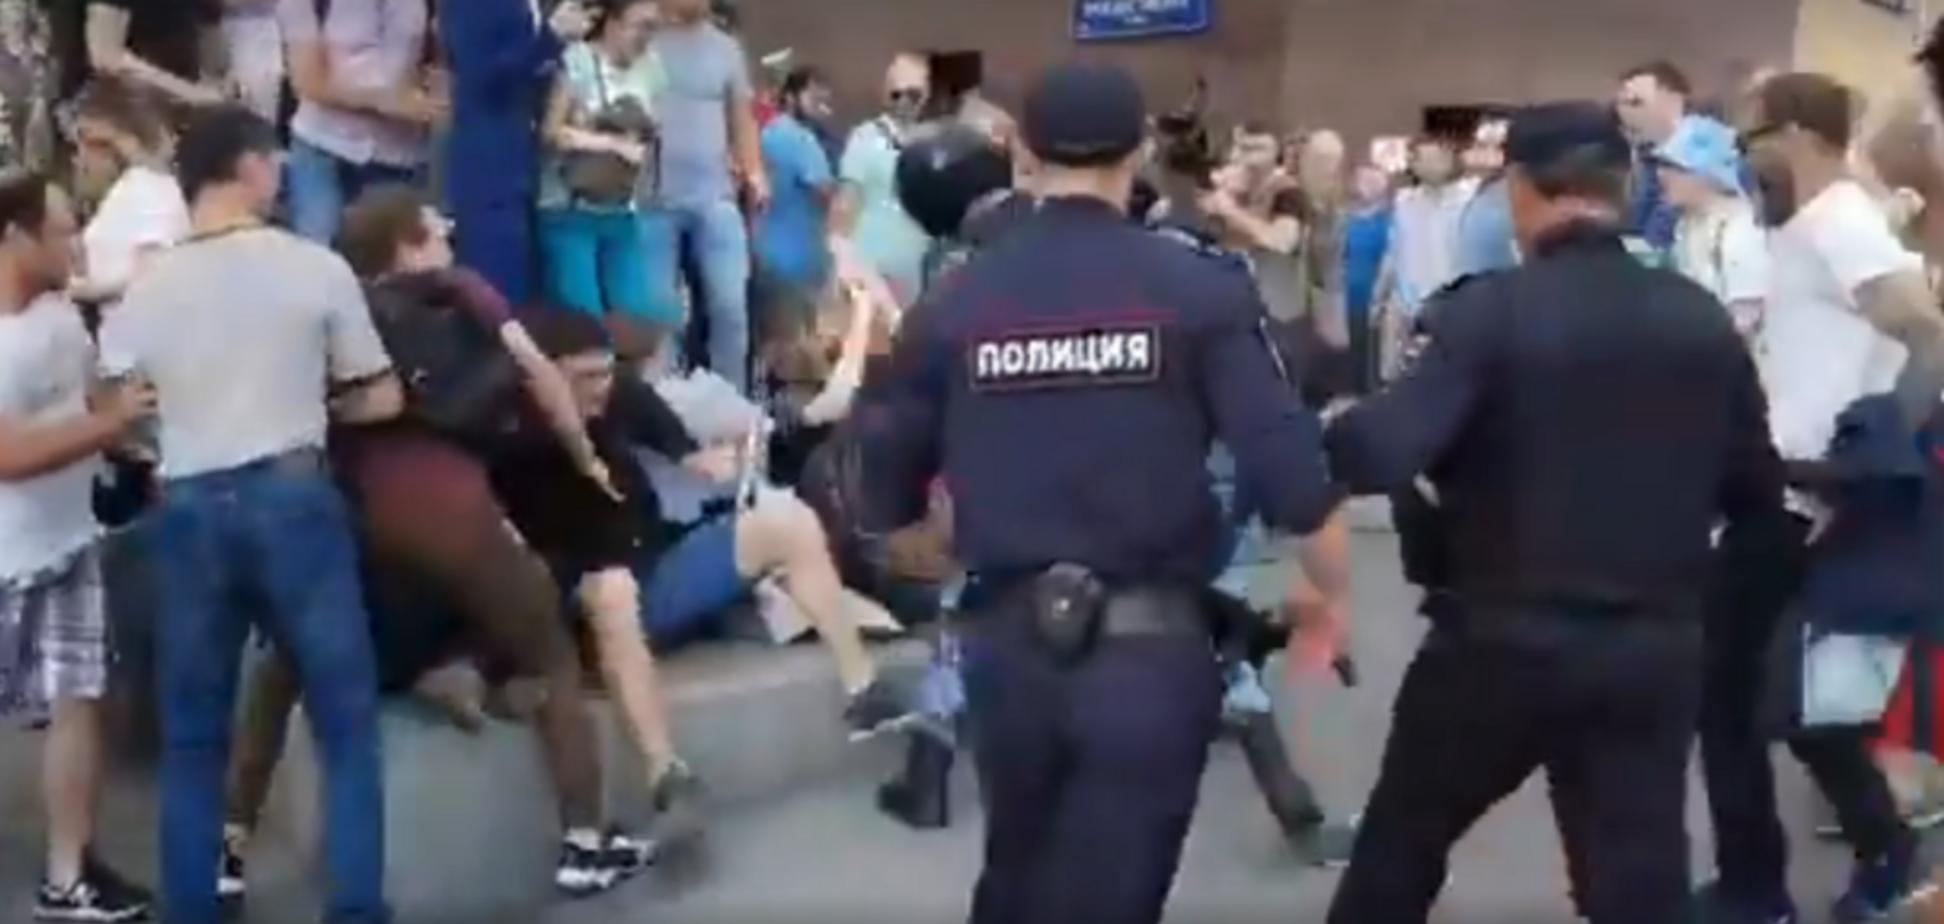 'Ось він фашизм!' Звіряче побиття росіян у Москві потрапило на відео